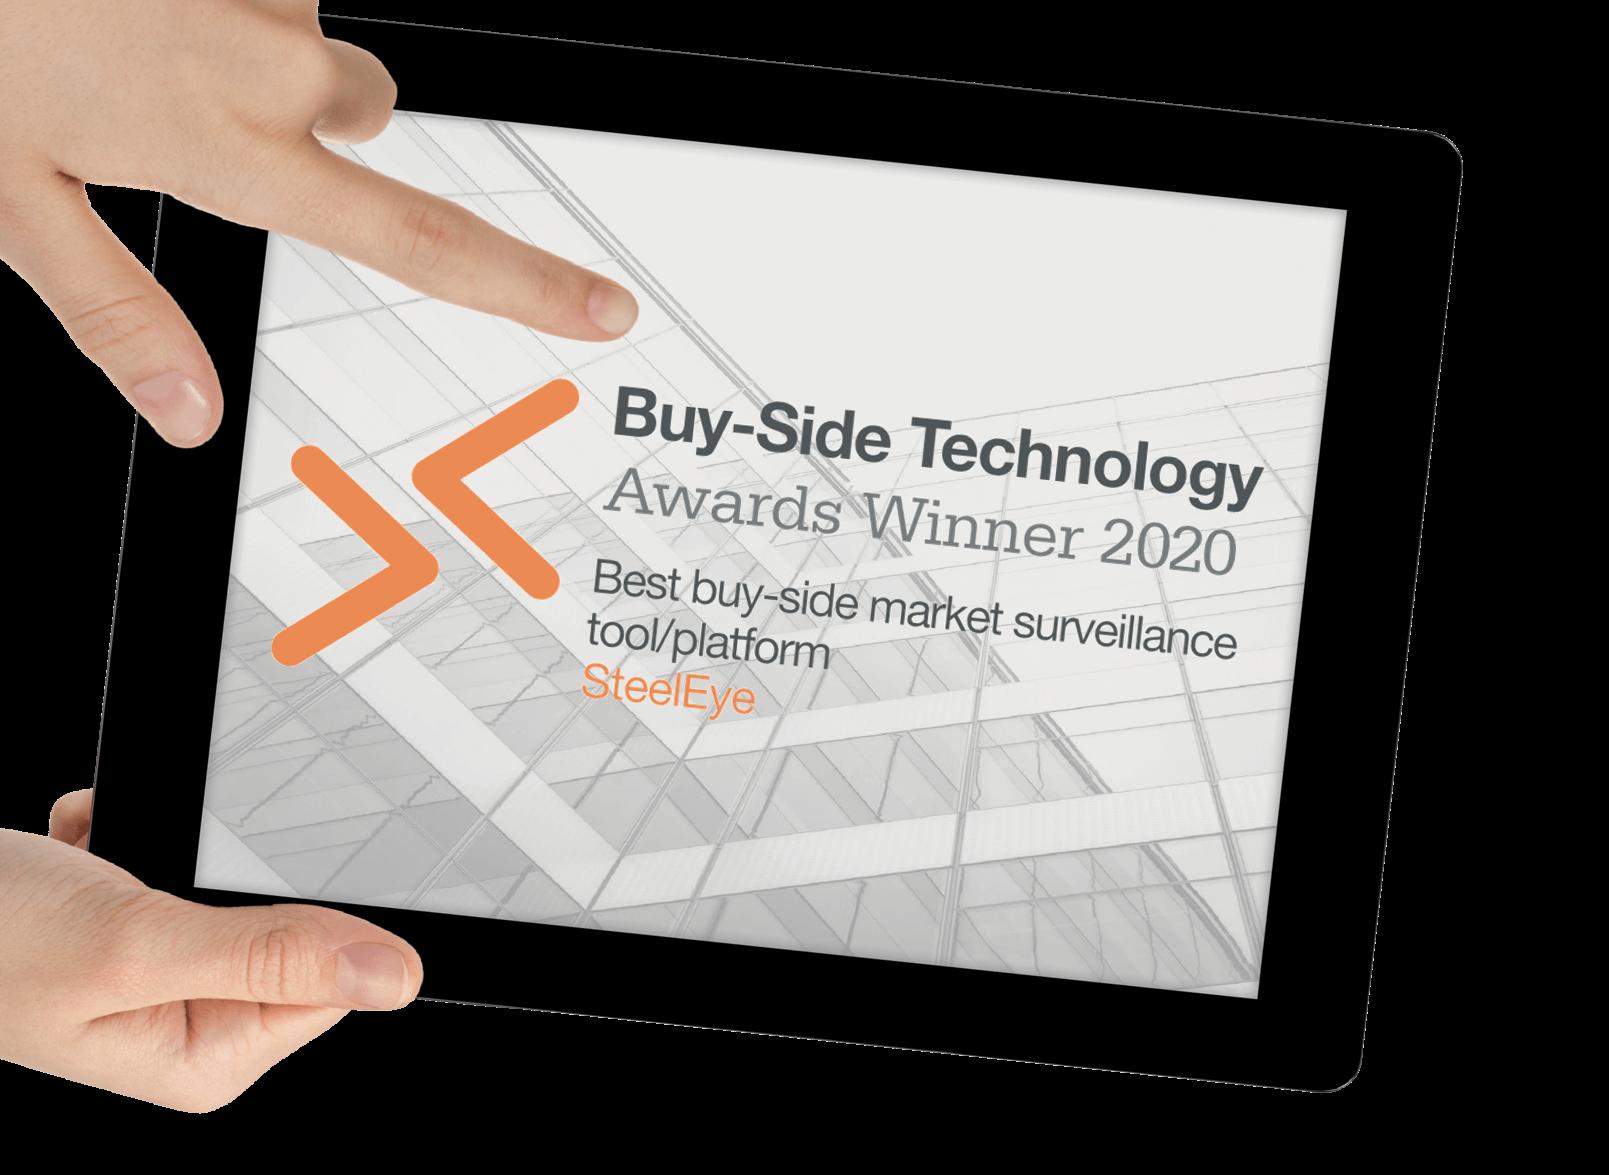 Buy-side technology awards winner 2020-1